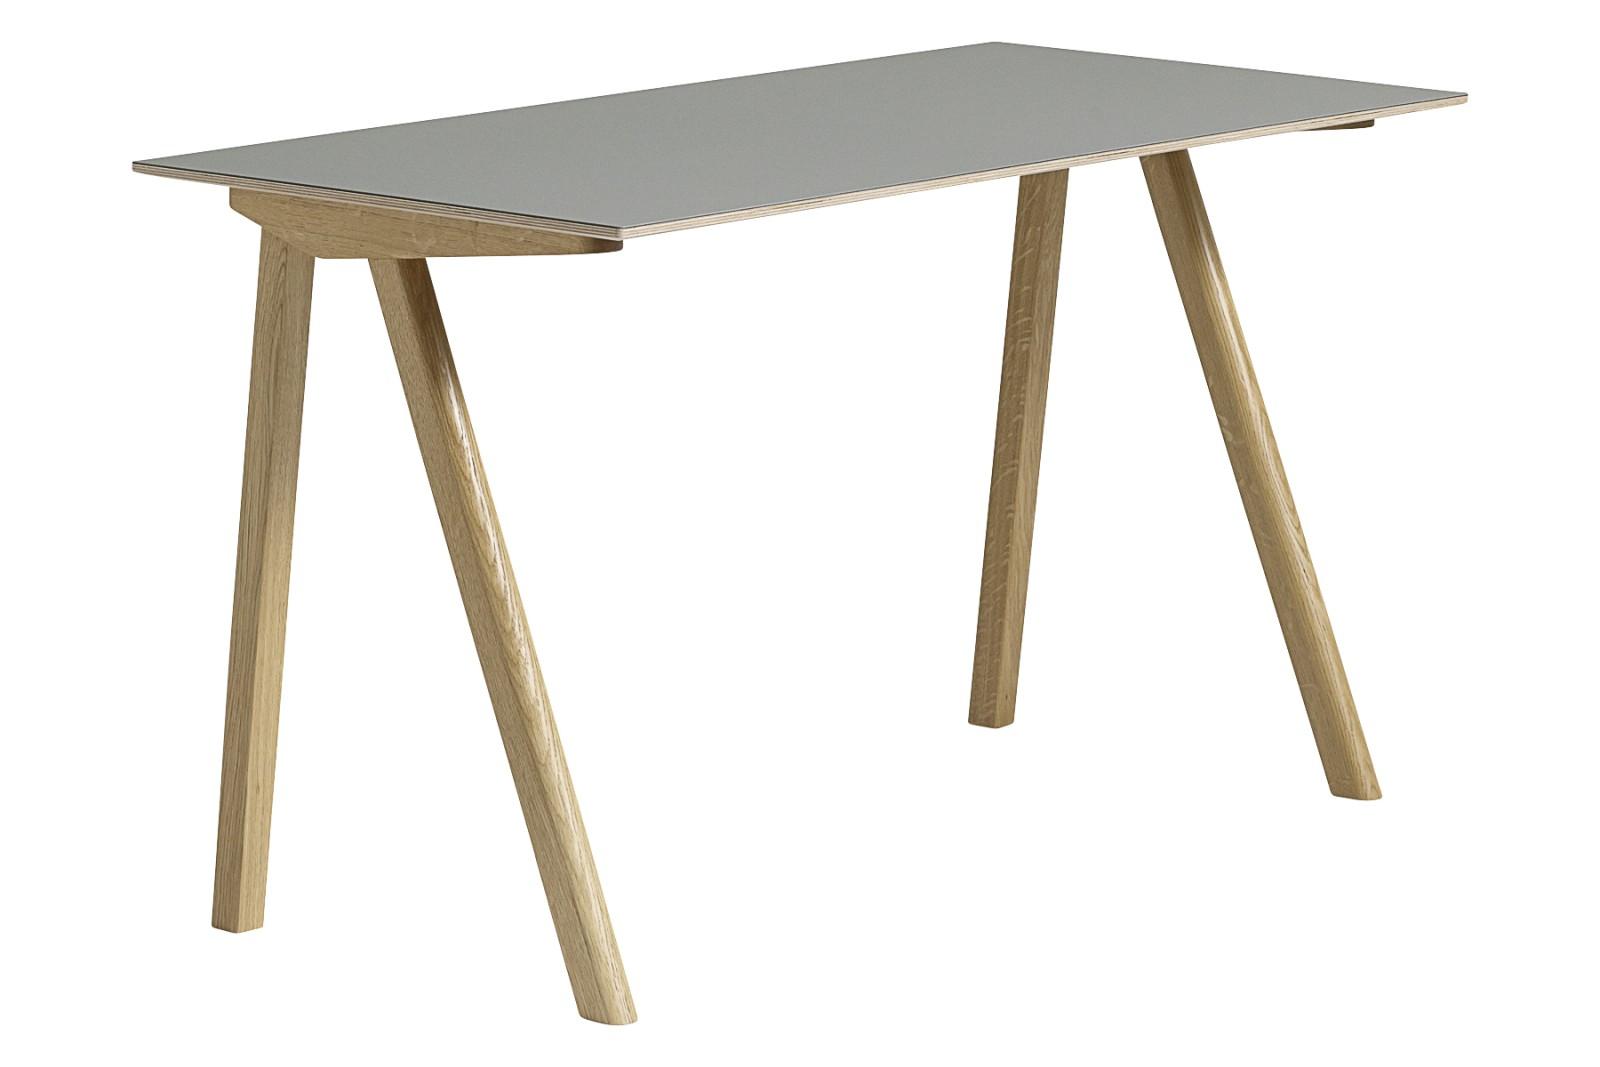 CPH 90 Desk Linoleum Grey / Wood Clear Oak